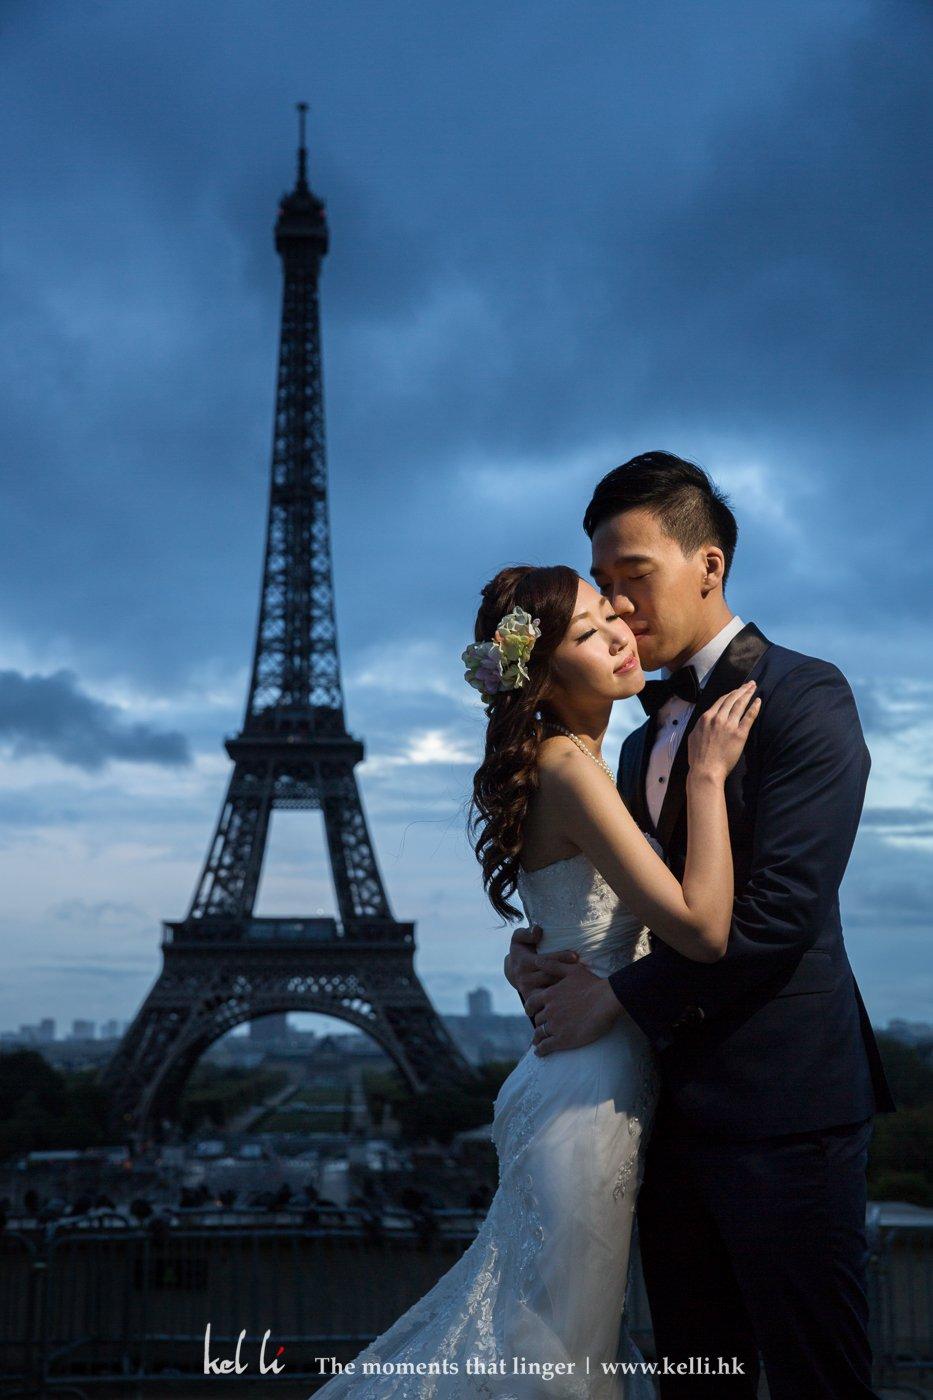 日出前在巴黎鐵塔的拍攝,本來早上及前一天是下著大雨,到我們外出時幸運地放晴,這種奇妙的天色反而是平時拍不到的